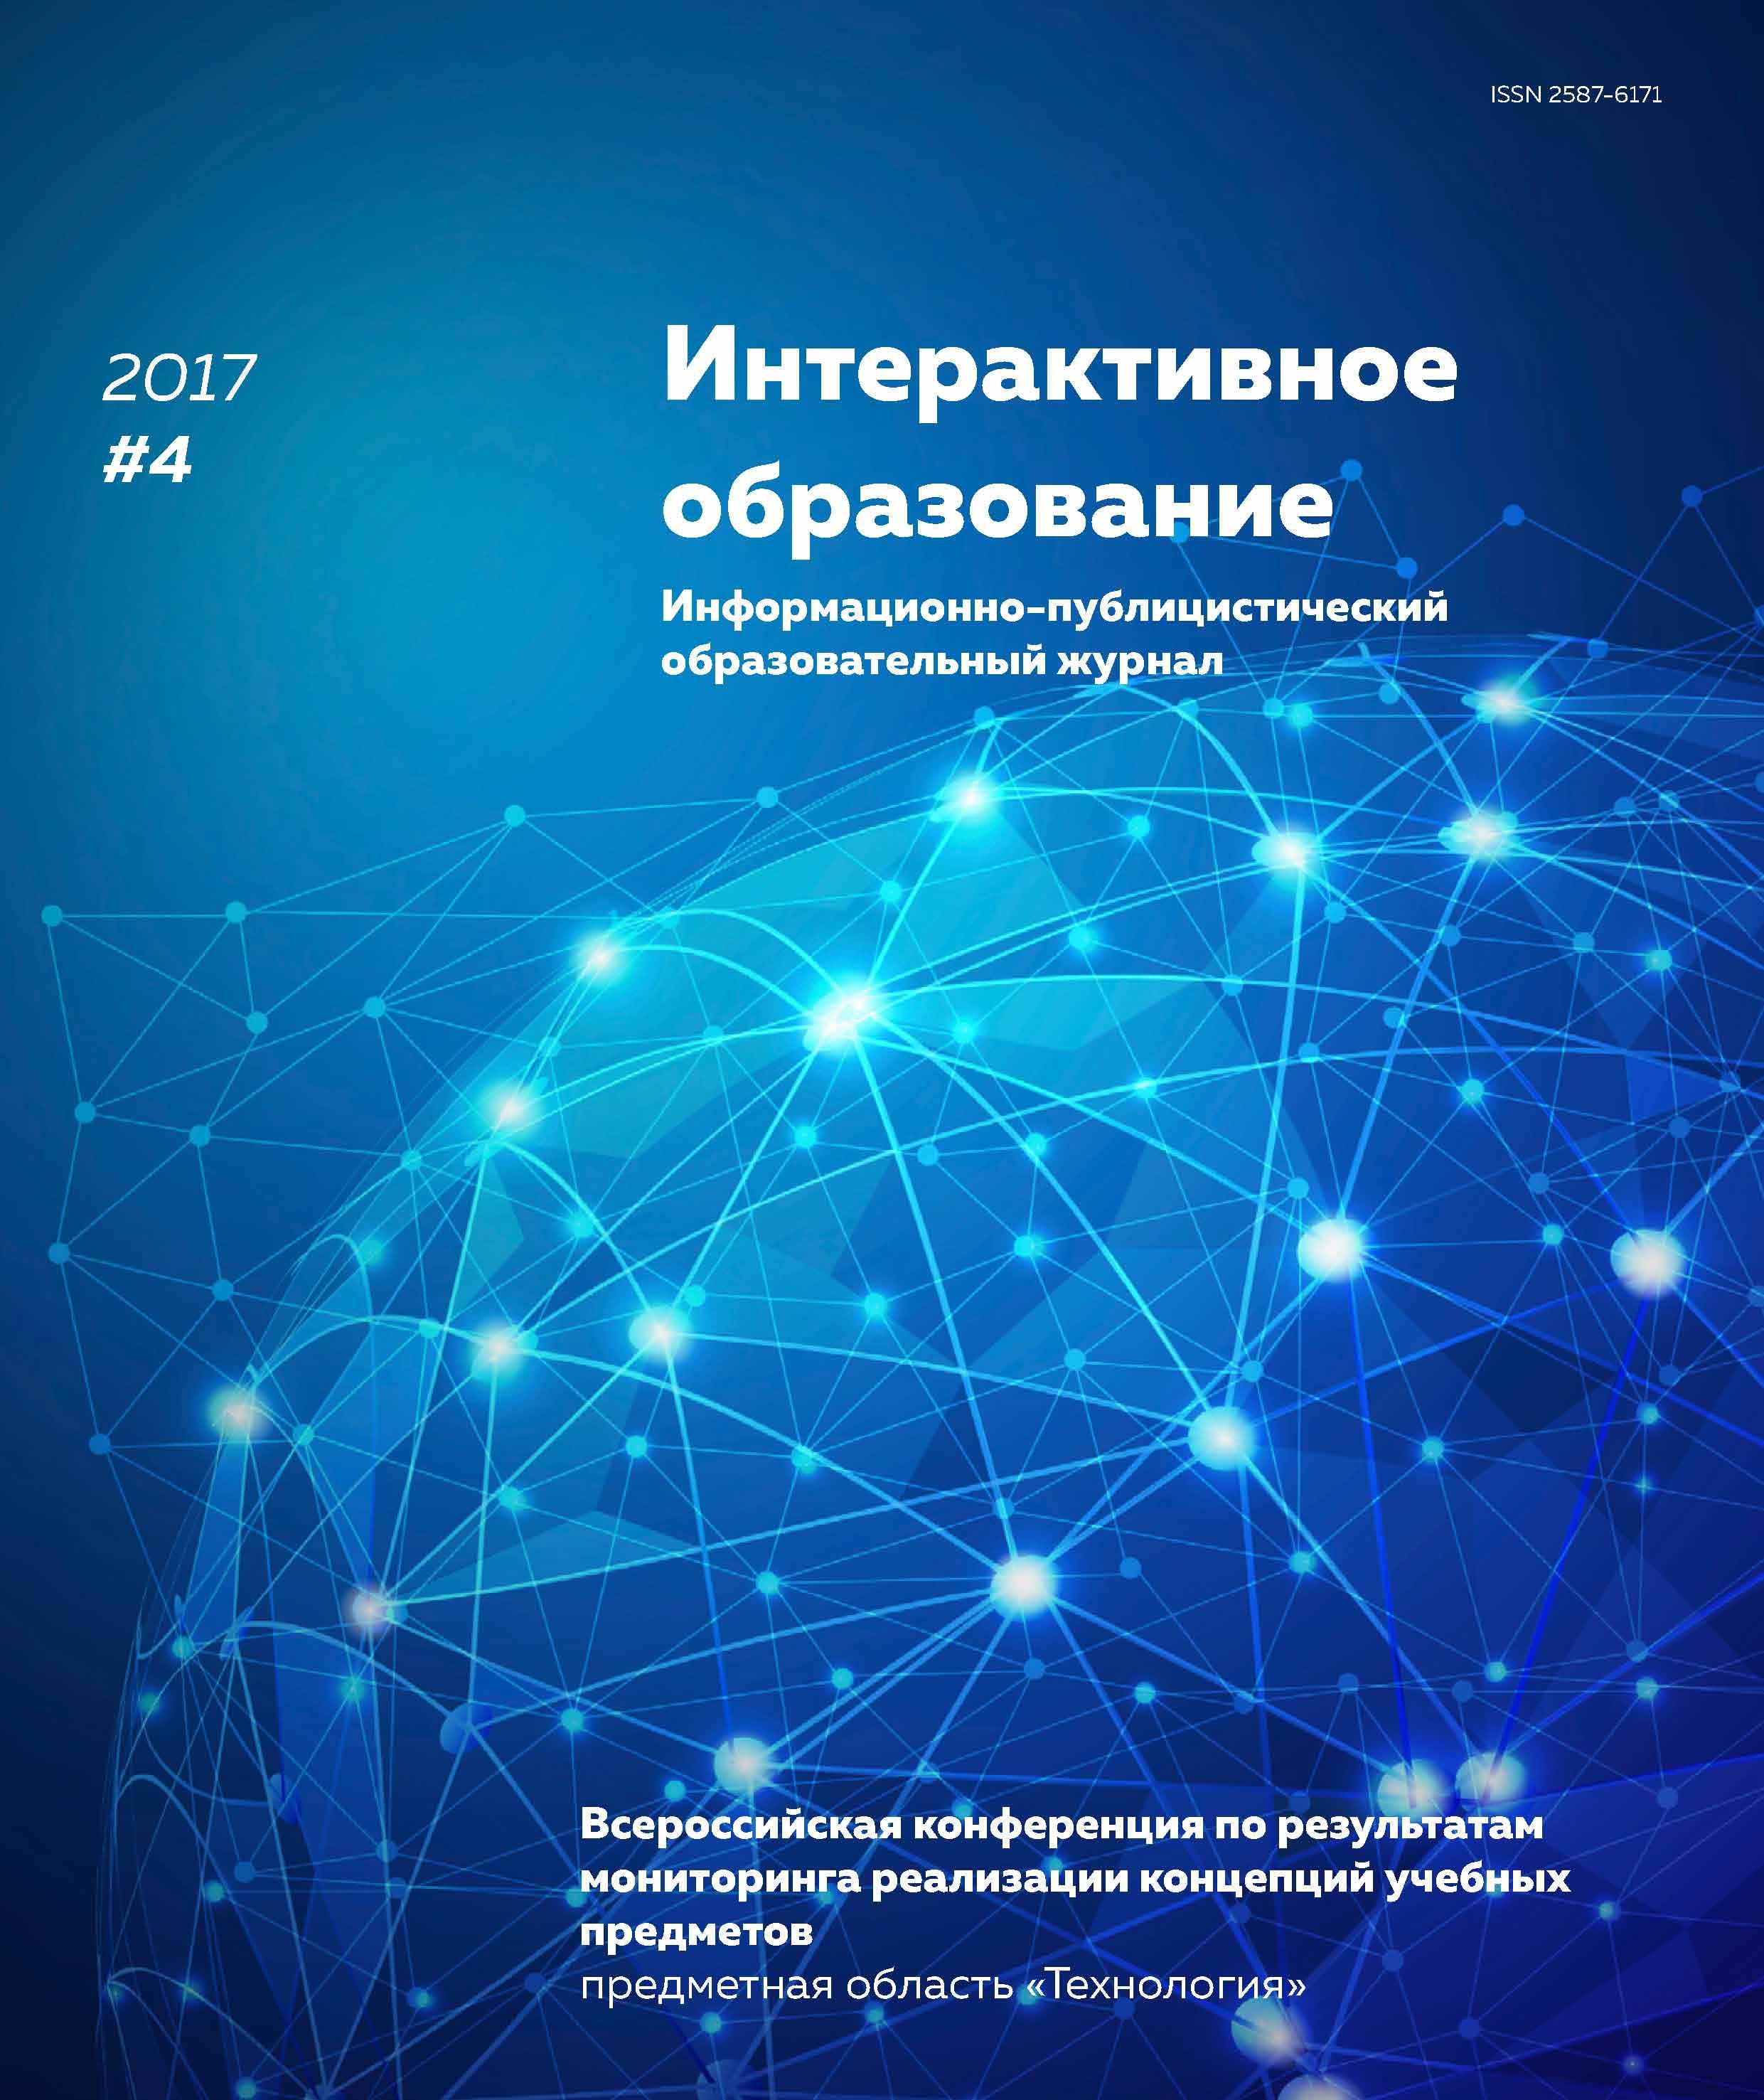 Интерактивное образование № 4 2017 г.